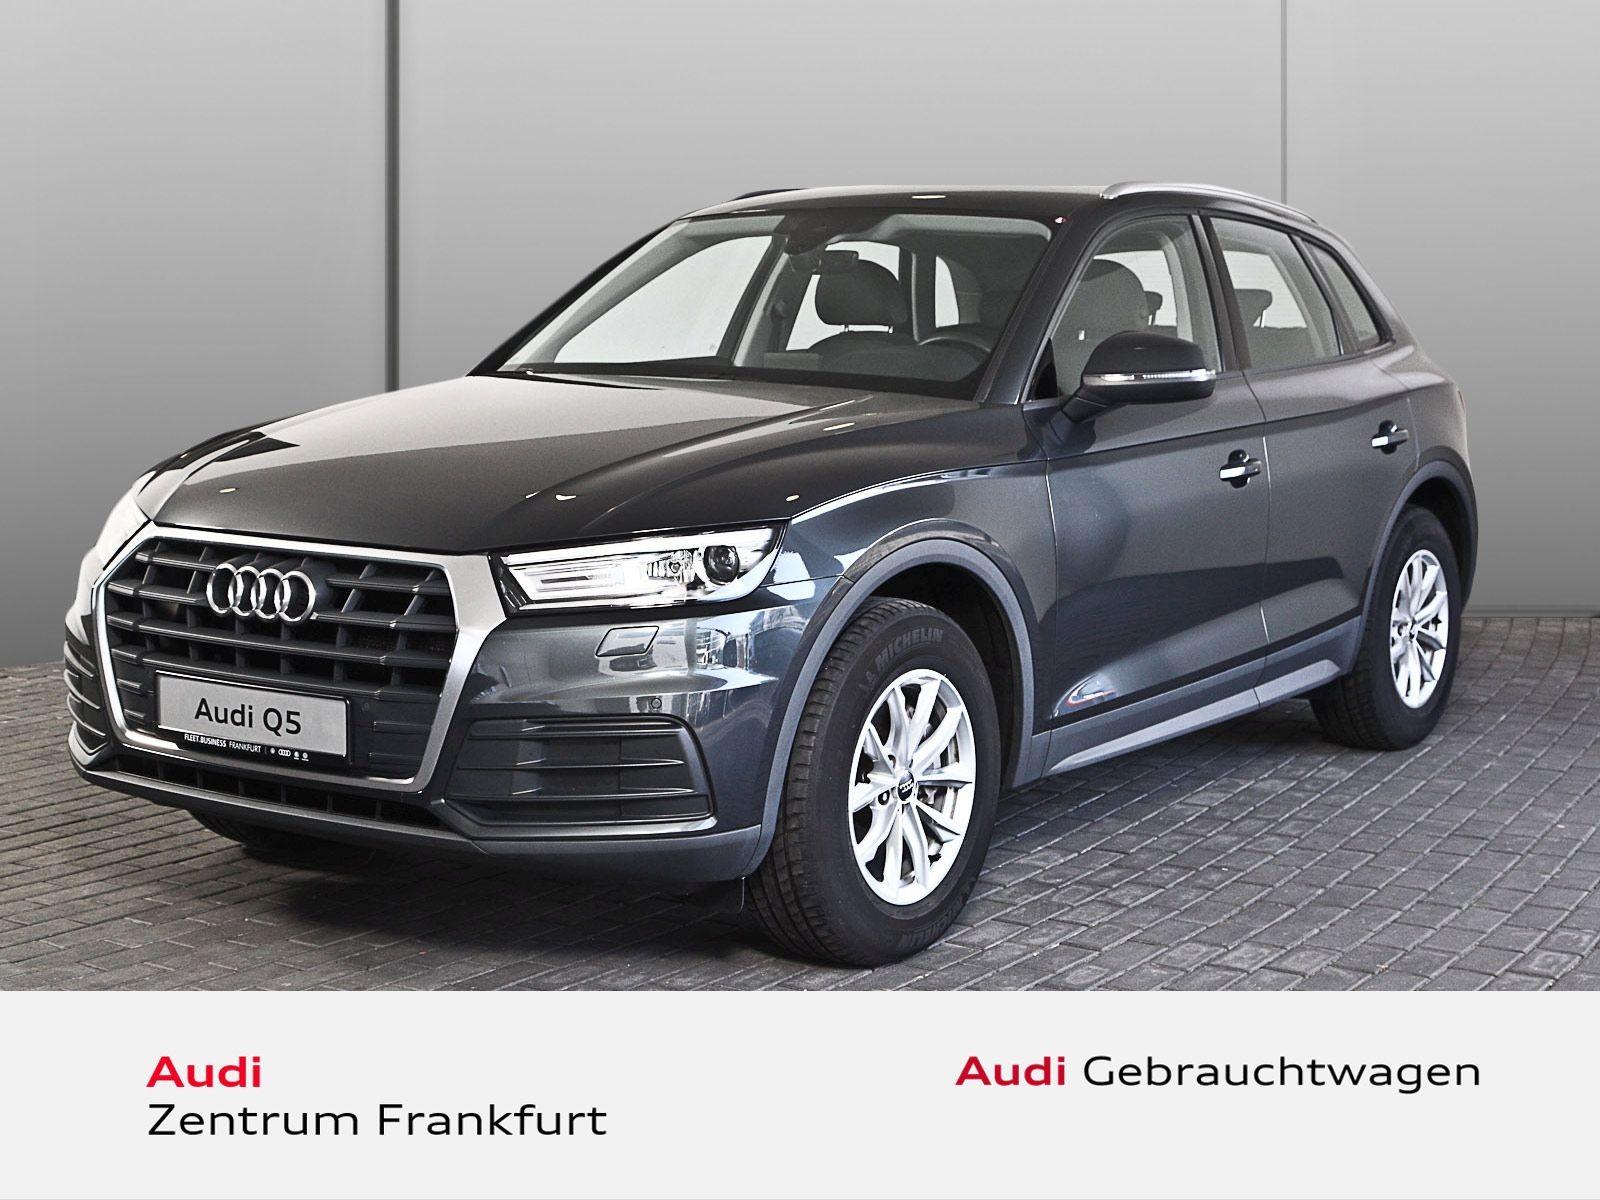 Audi Q5 2.0 TDI Navi PDC Xenon Tempomat Klima Sitzheizung, Jahr 2017, Diesel